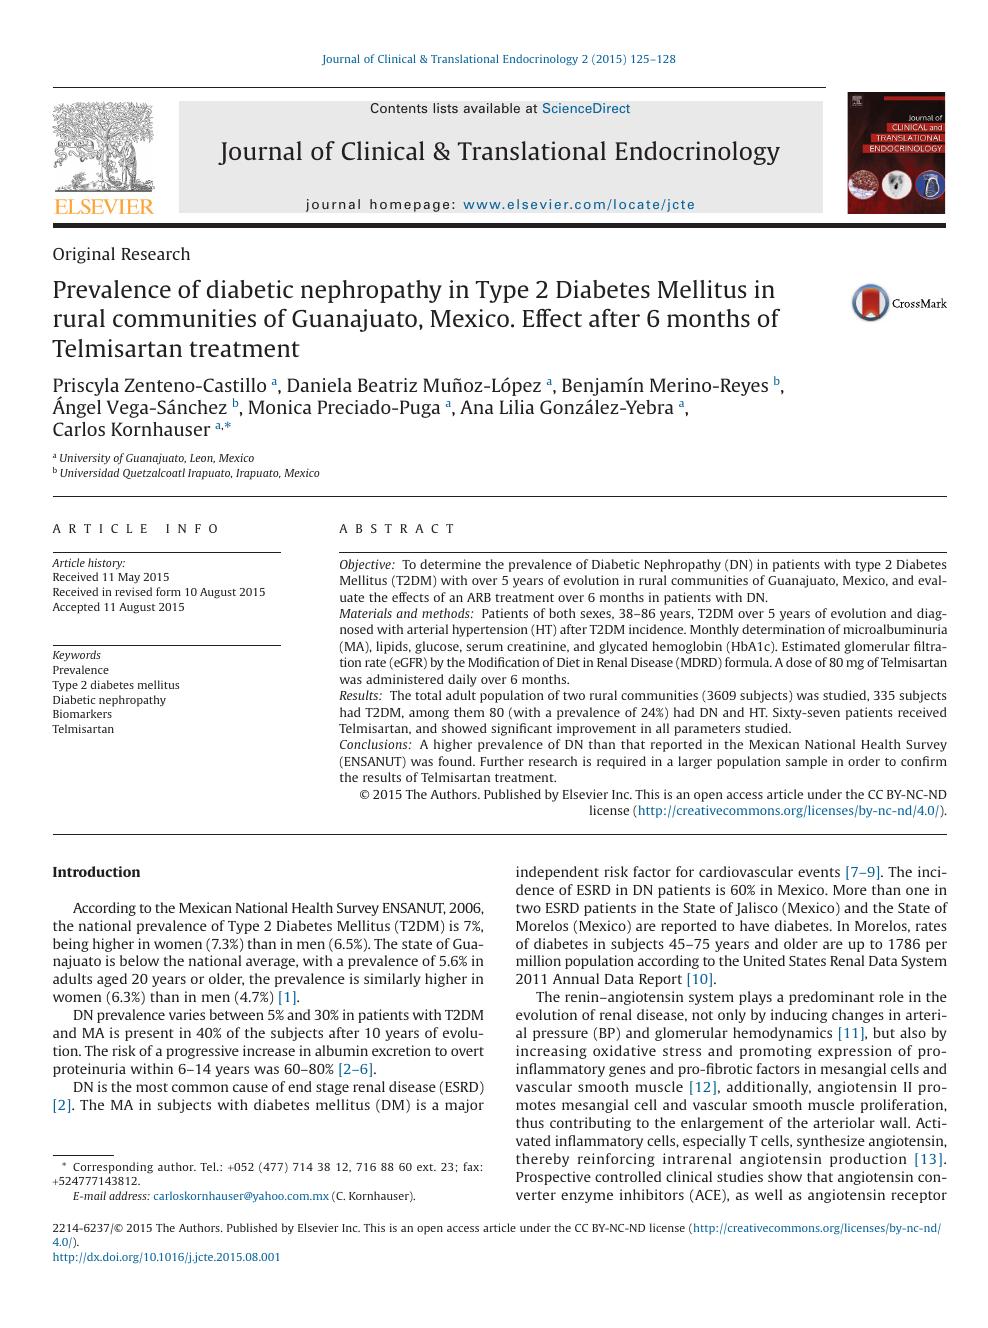 tratamiento farmacologico diabetes mellitus pdf